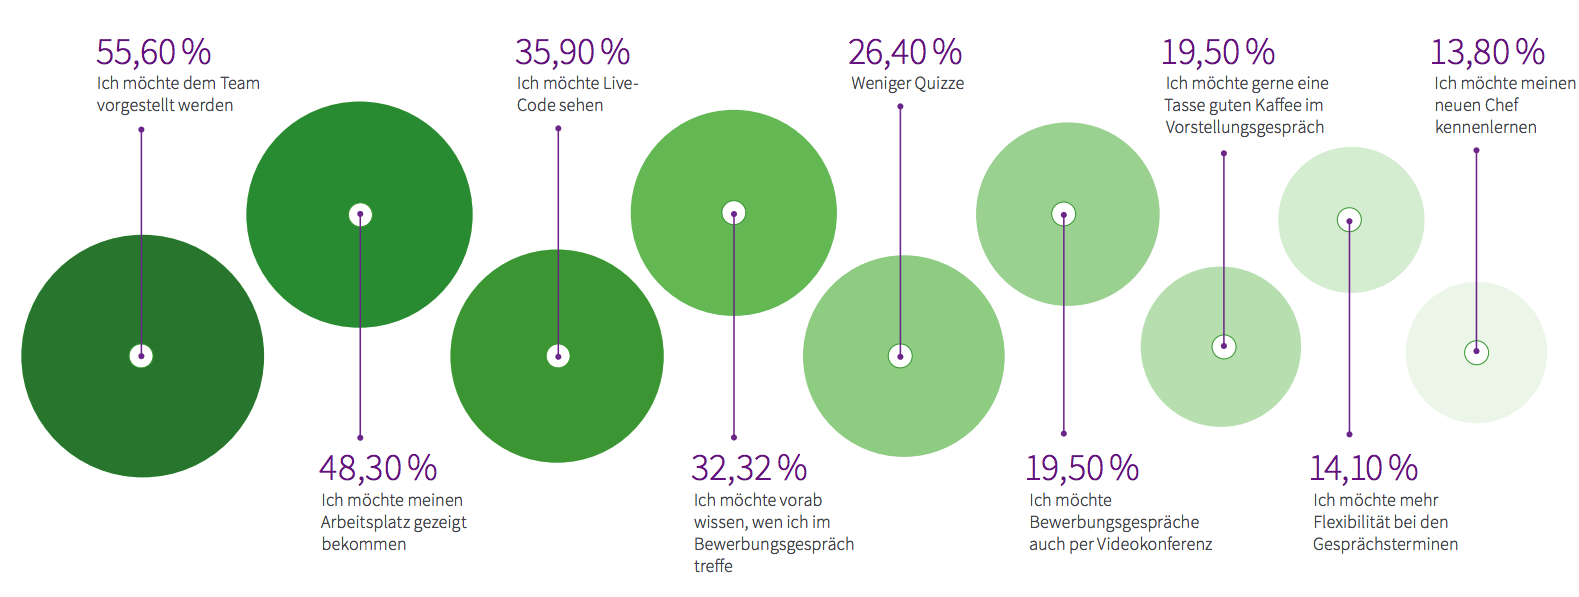 Stack Overflow Entwicklerumfrage: Wie können Unternehmen ihre Bewerbungsgespräche verbessern